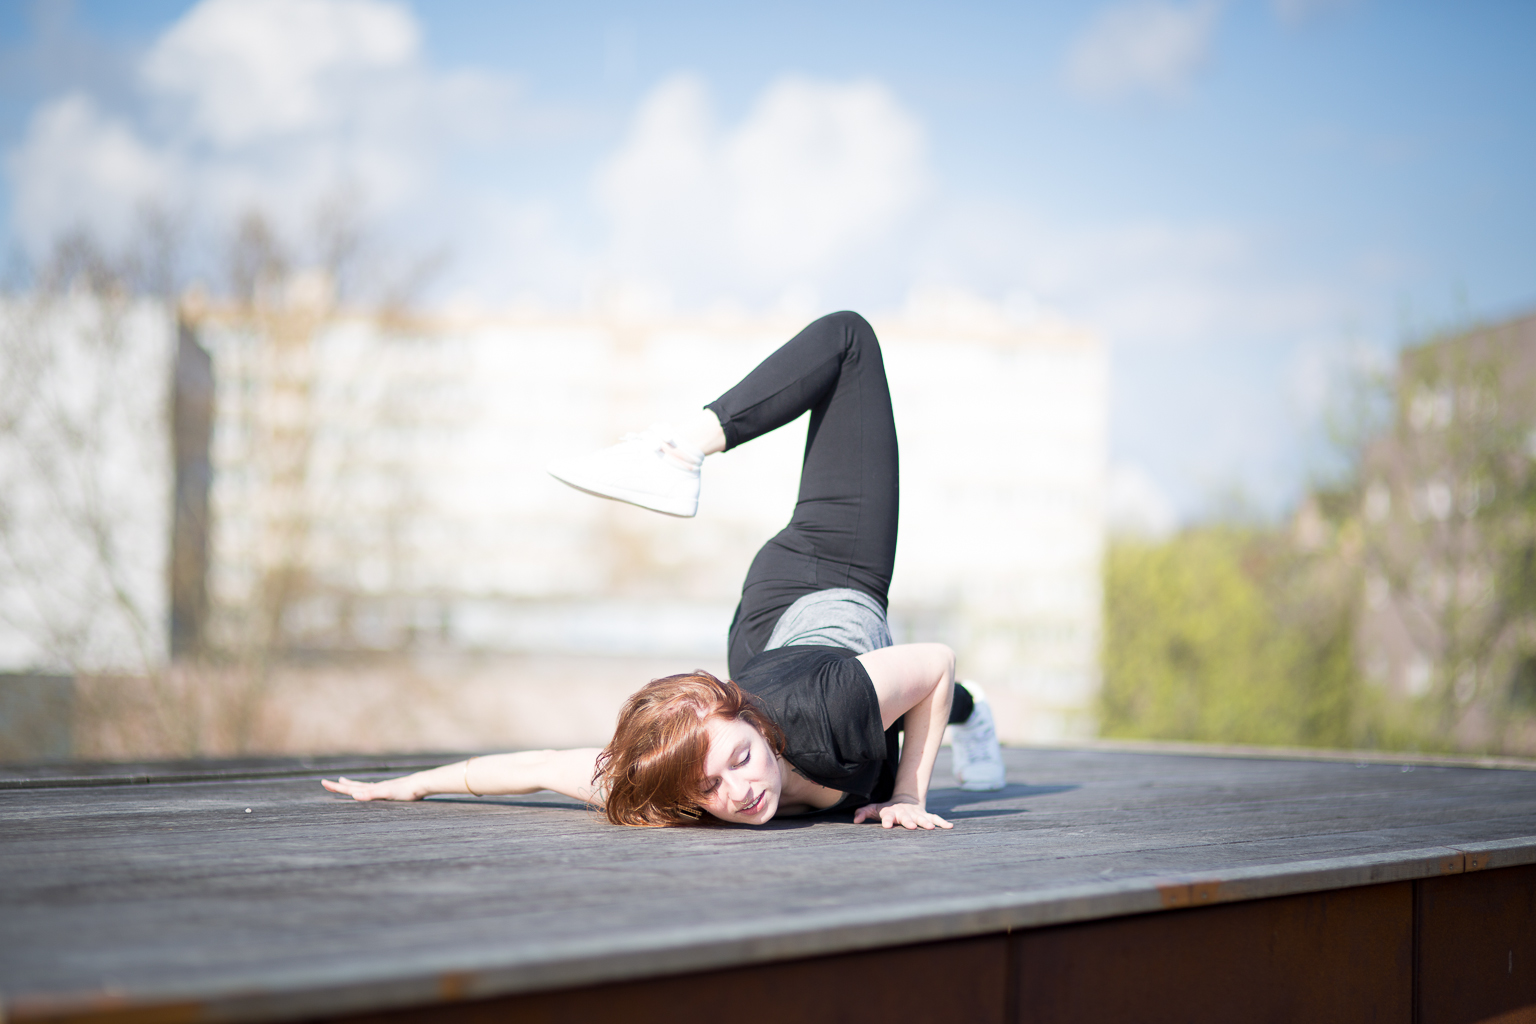 jeune femme dansant, visage au sol